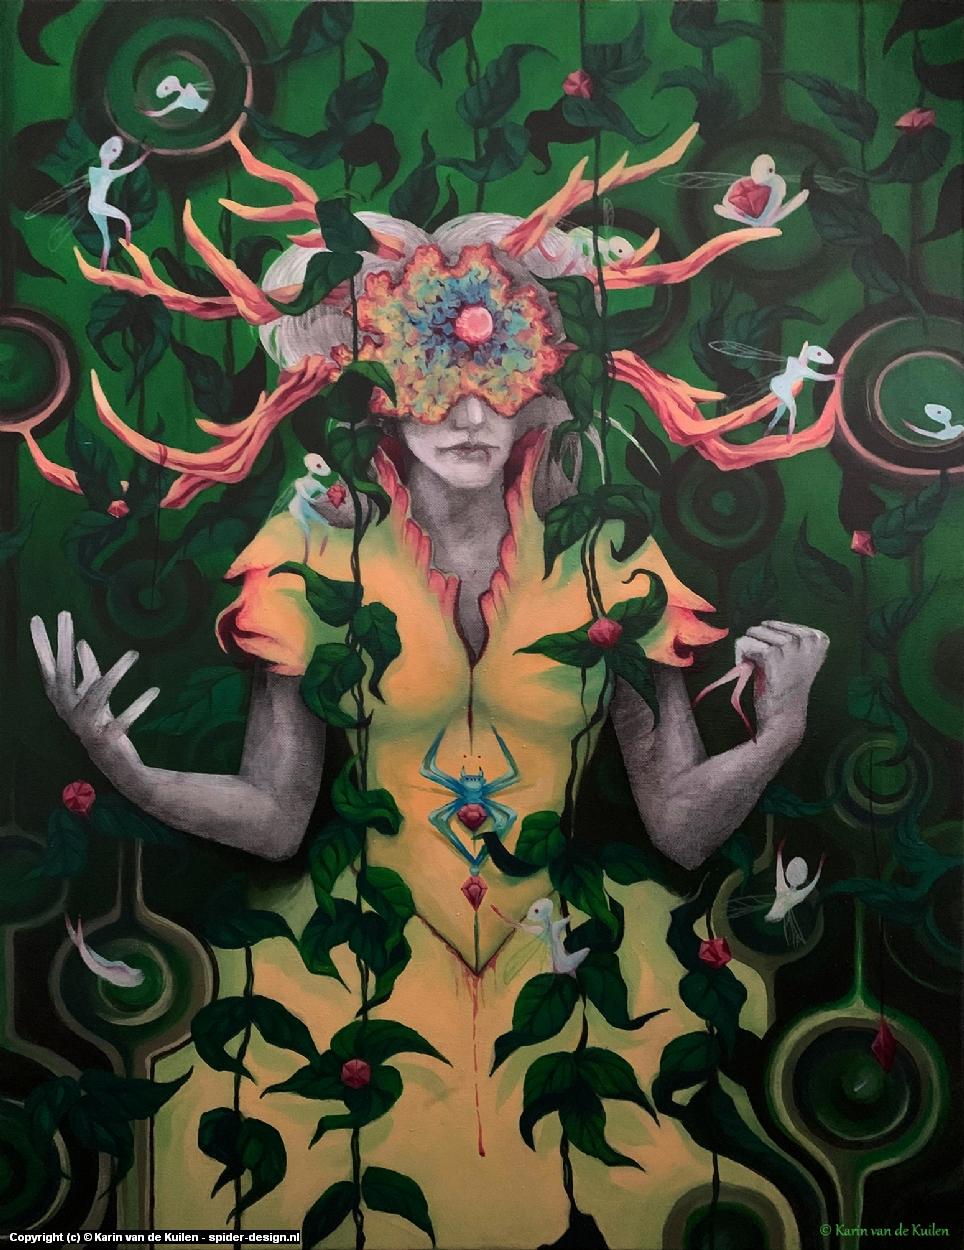 FairyEater Artwork by Karin  van de Kuilen